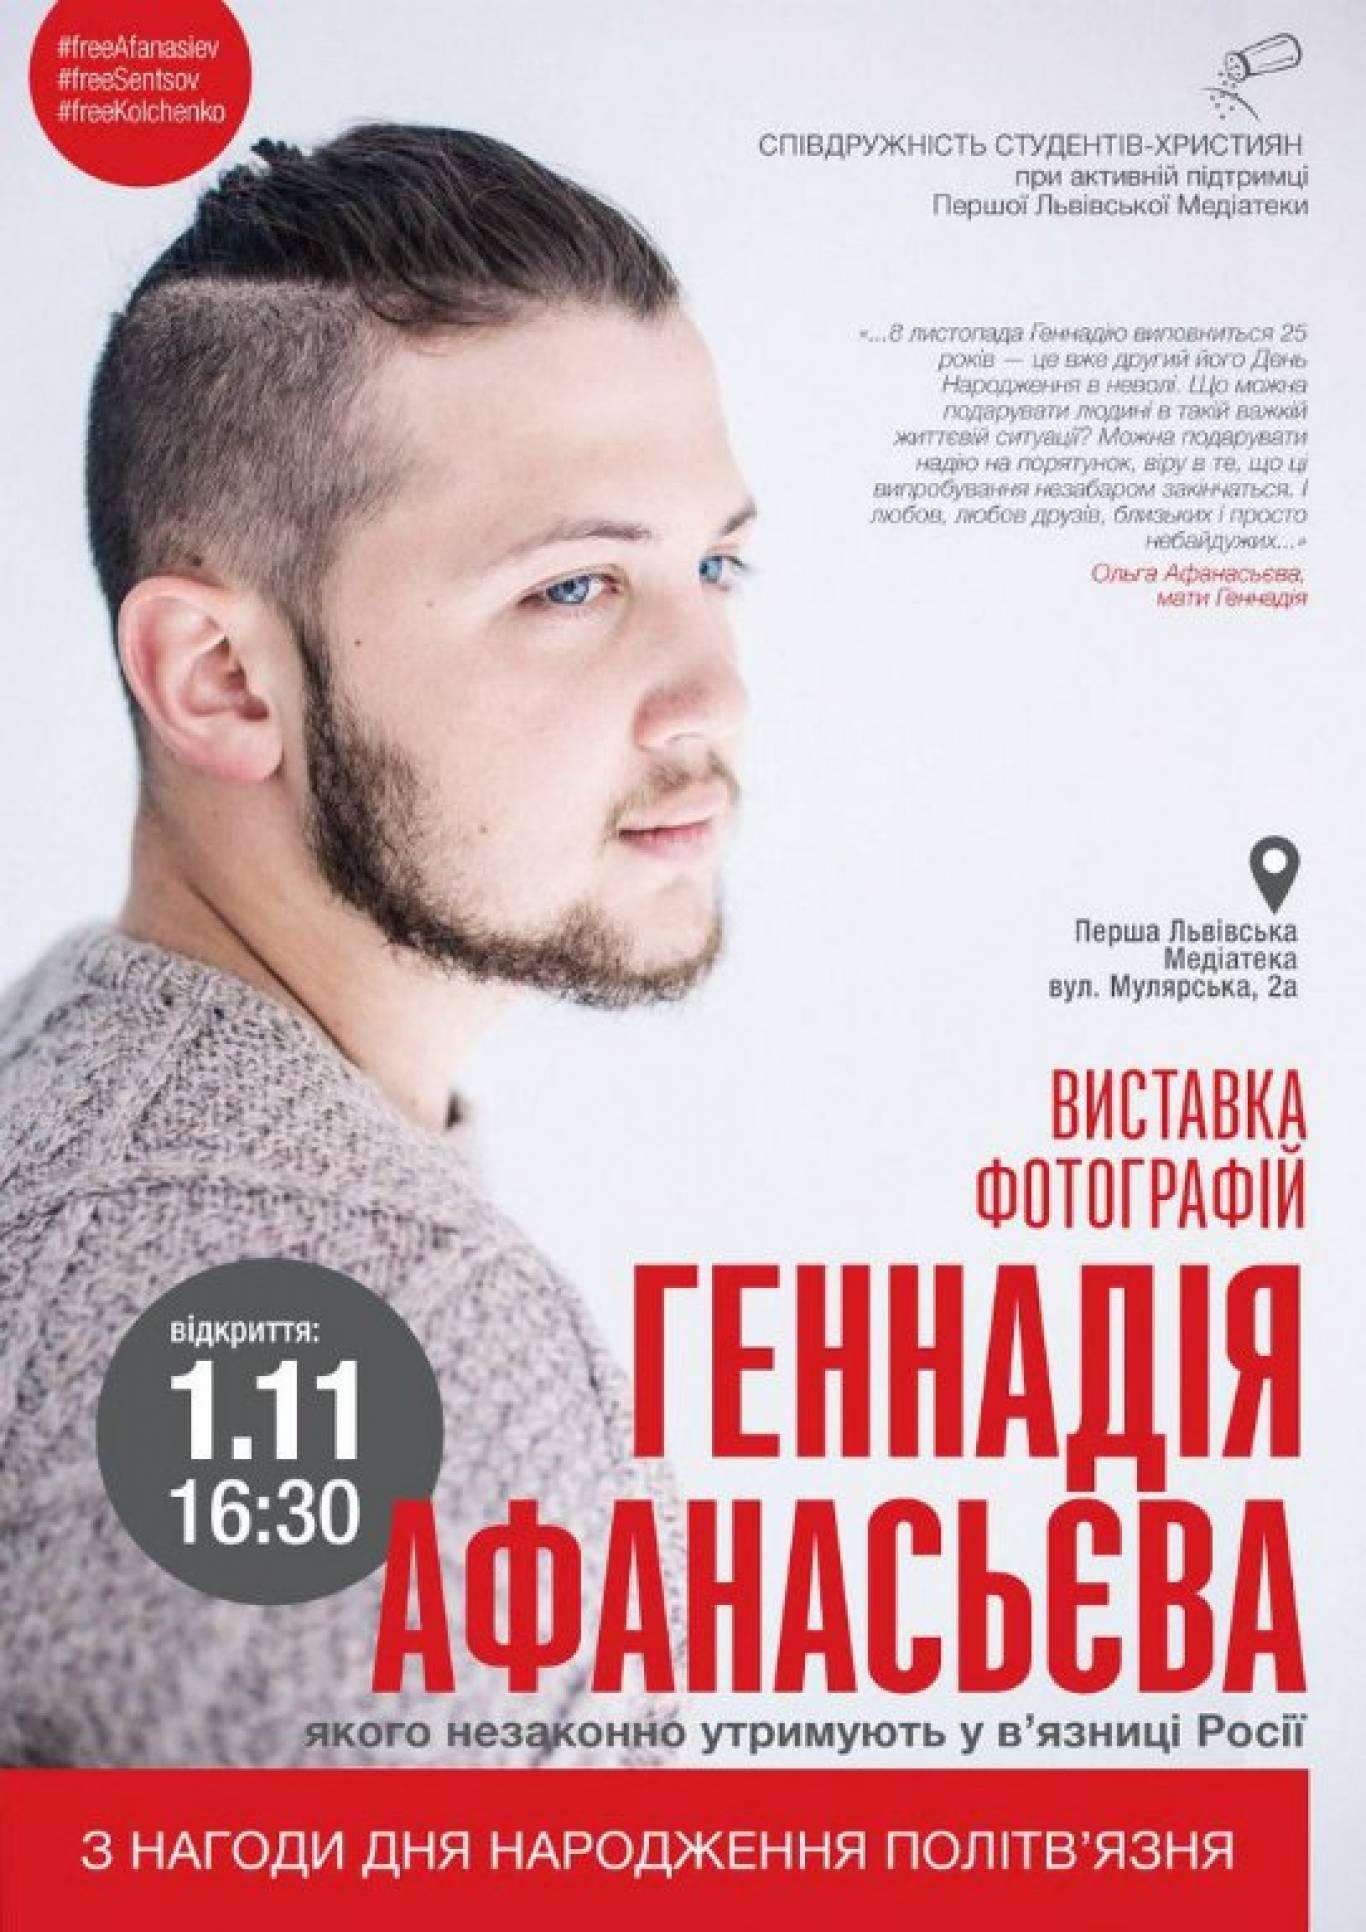 Фотовиставка Геннадія Афанасьєва